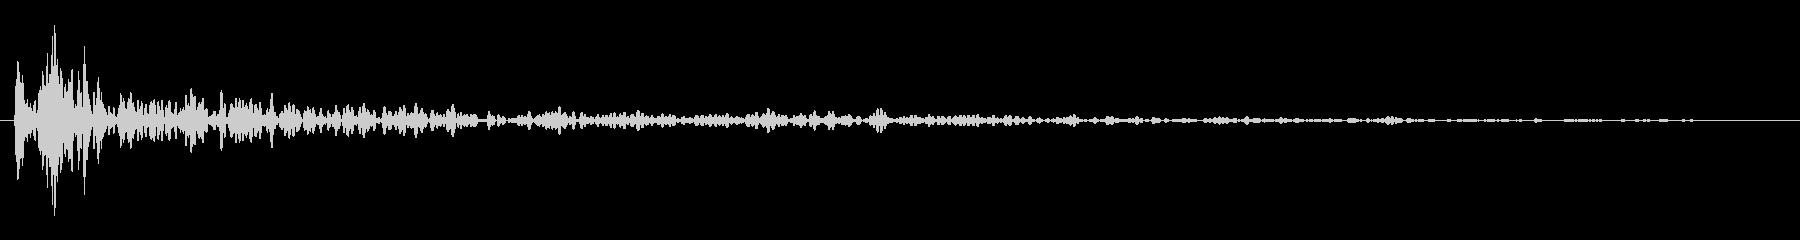 インパクトスリンキーサブクワッドYの未再生の波形